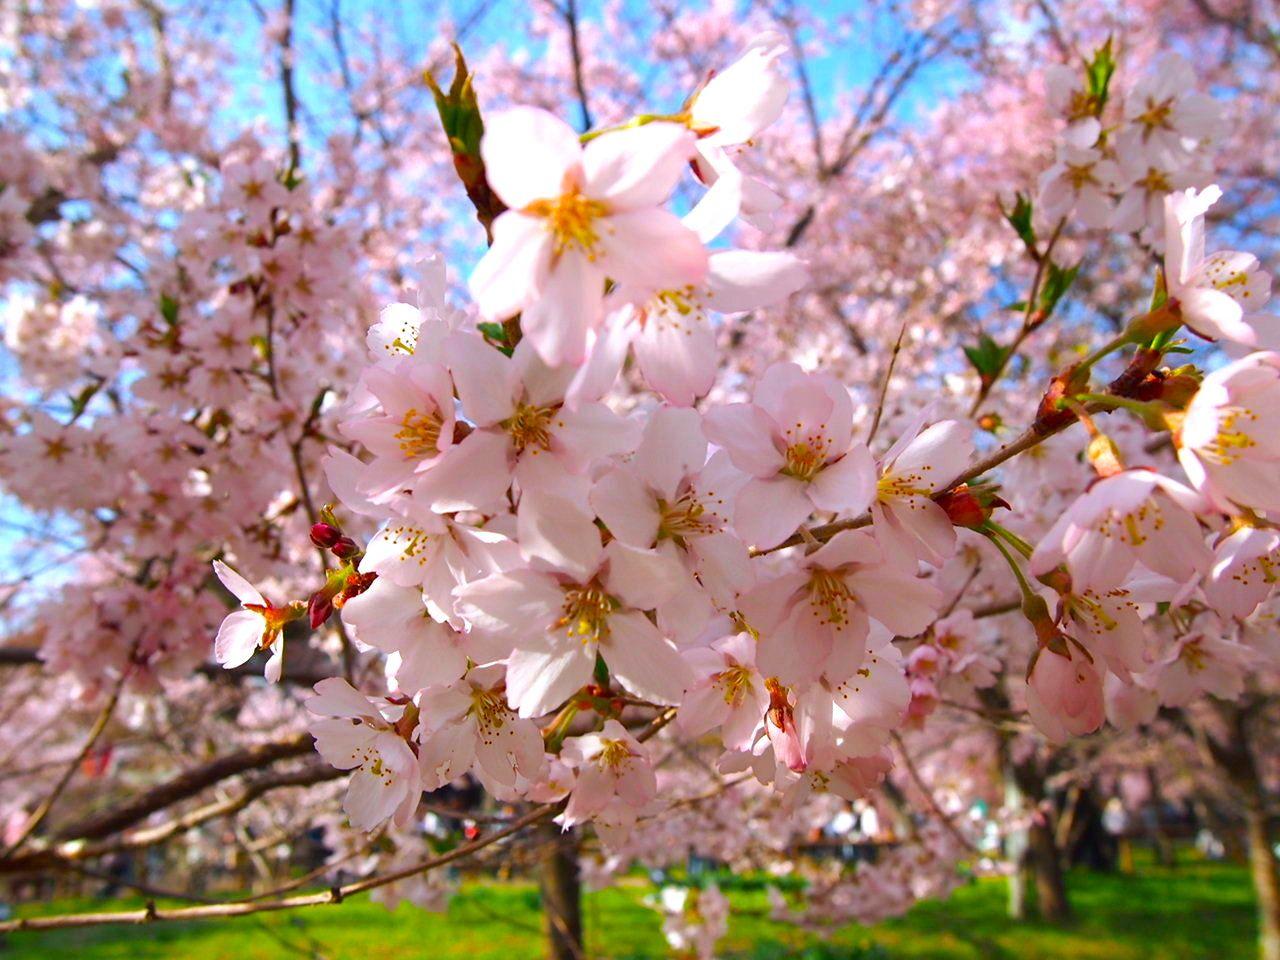 4月中旬が見頃!長野県「高遠城址公園」に咲く満開の桜を見に行こう